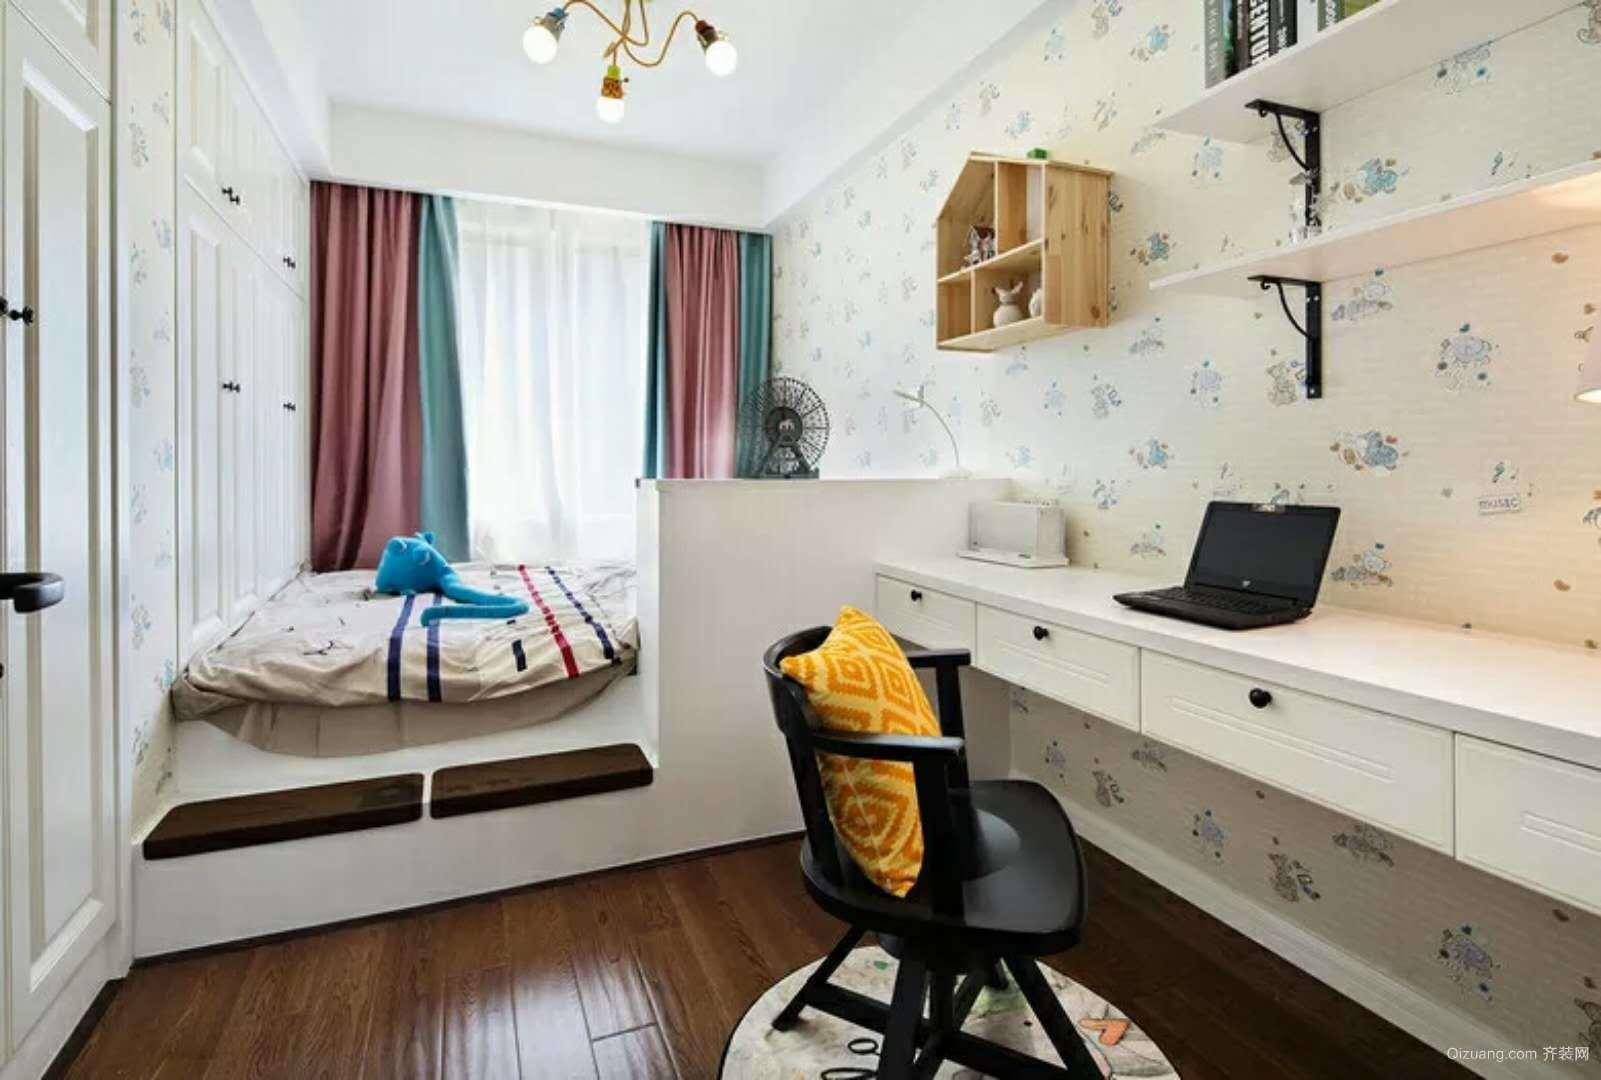 鼎峰公园豪庭美式风格装修效果图实景图